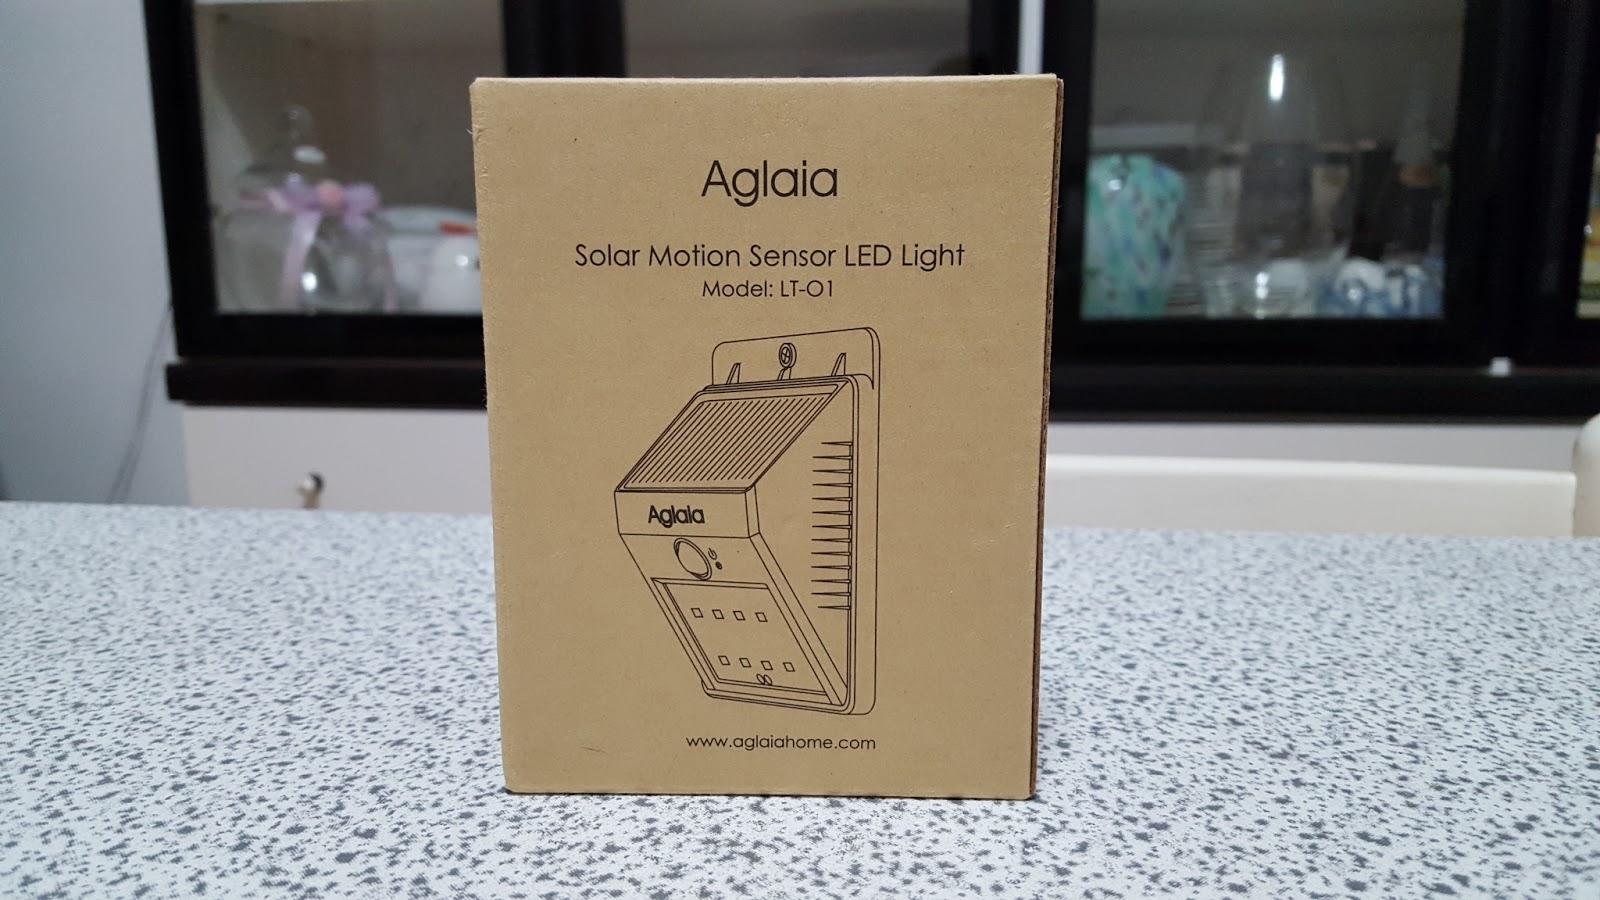 La pagina della tecnologia: recensione lampada led aglaia ad energia